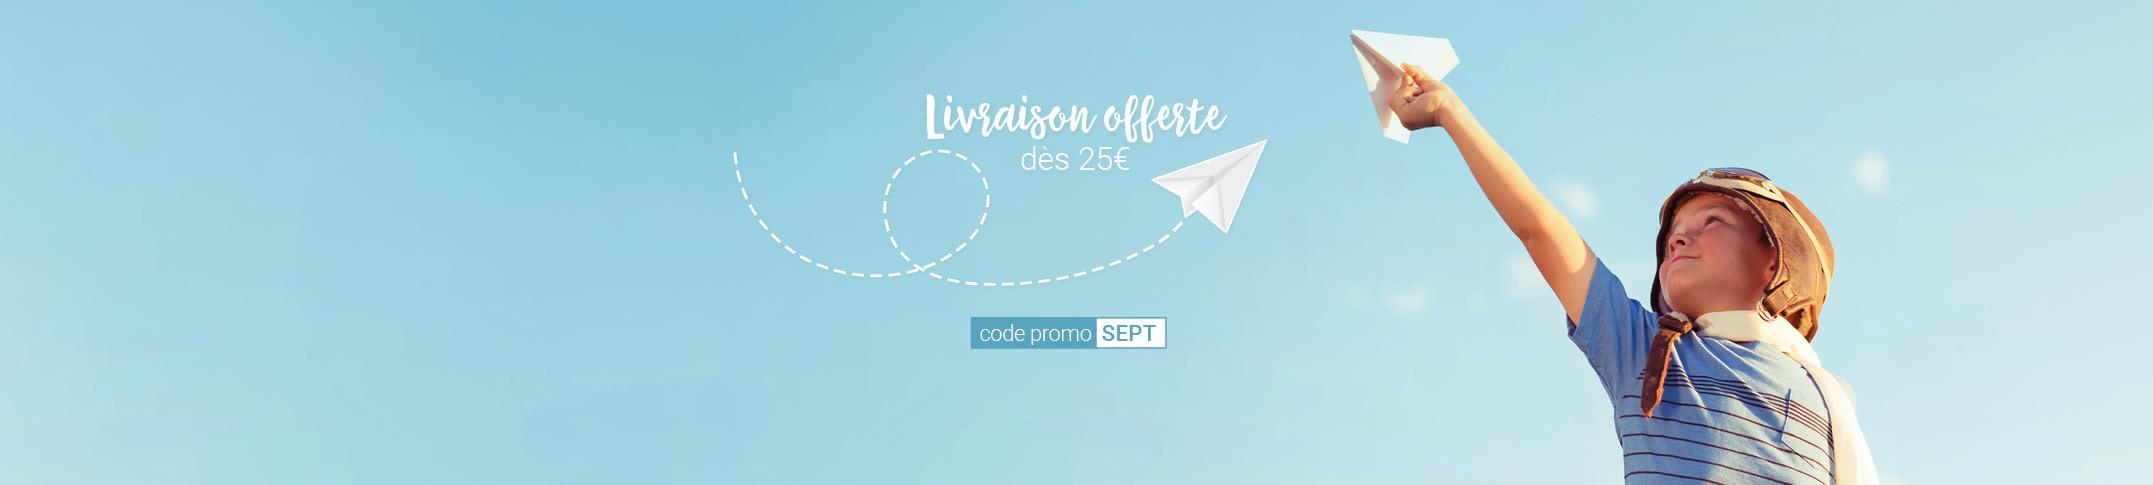 Offre du mois de septembre 2020 - smartphoto Belgique - code promo